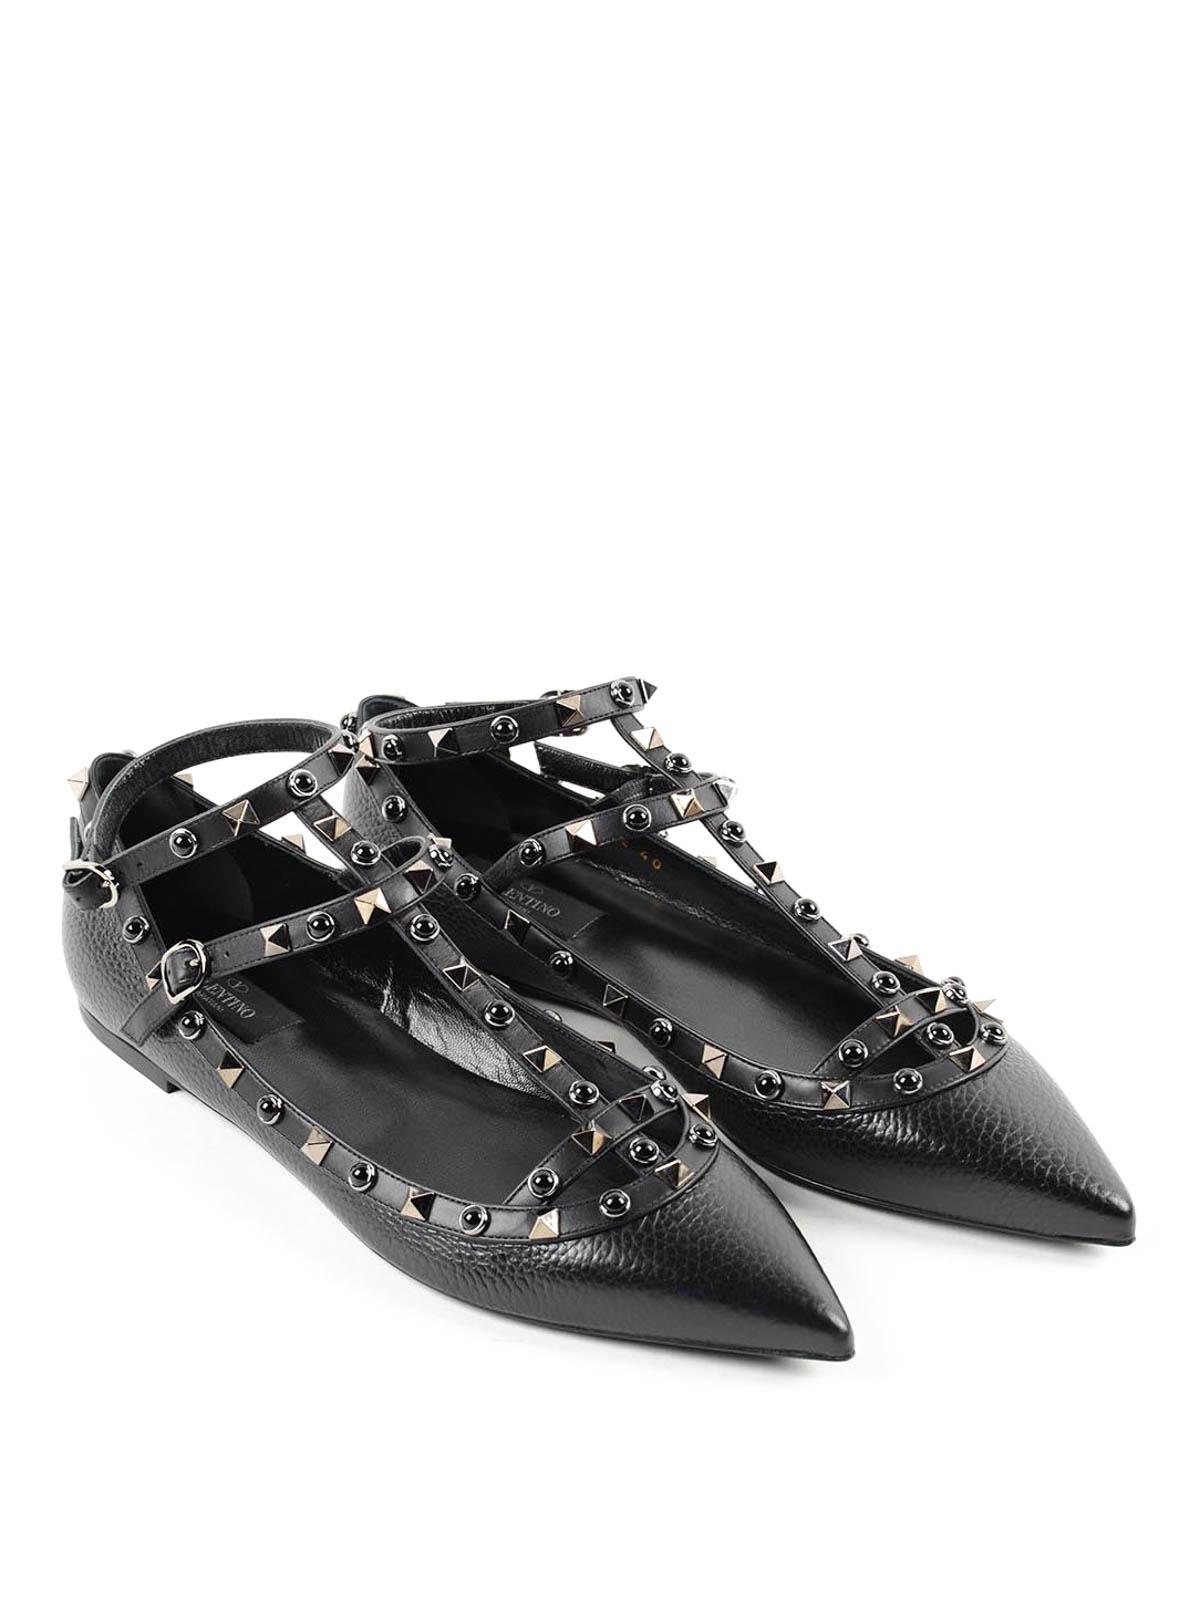 817ef4be53 Valentino Garavani - Rockstud flats - flat shoes - LW2S0376.NO3 0NO